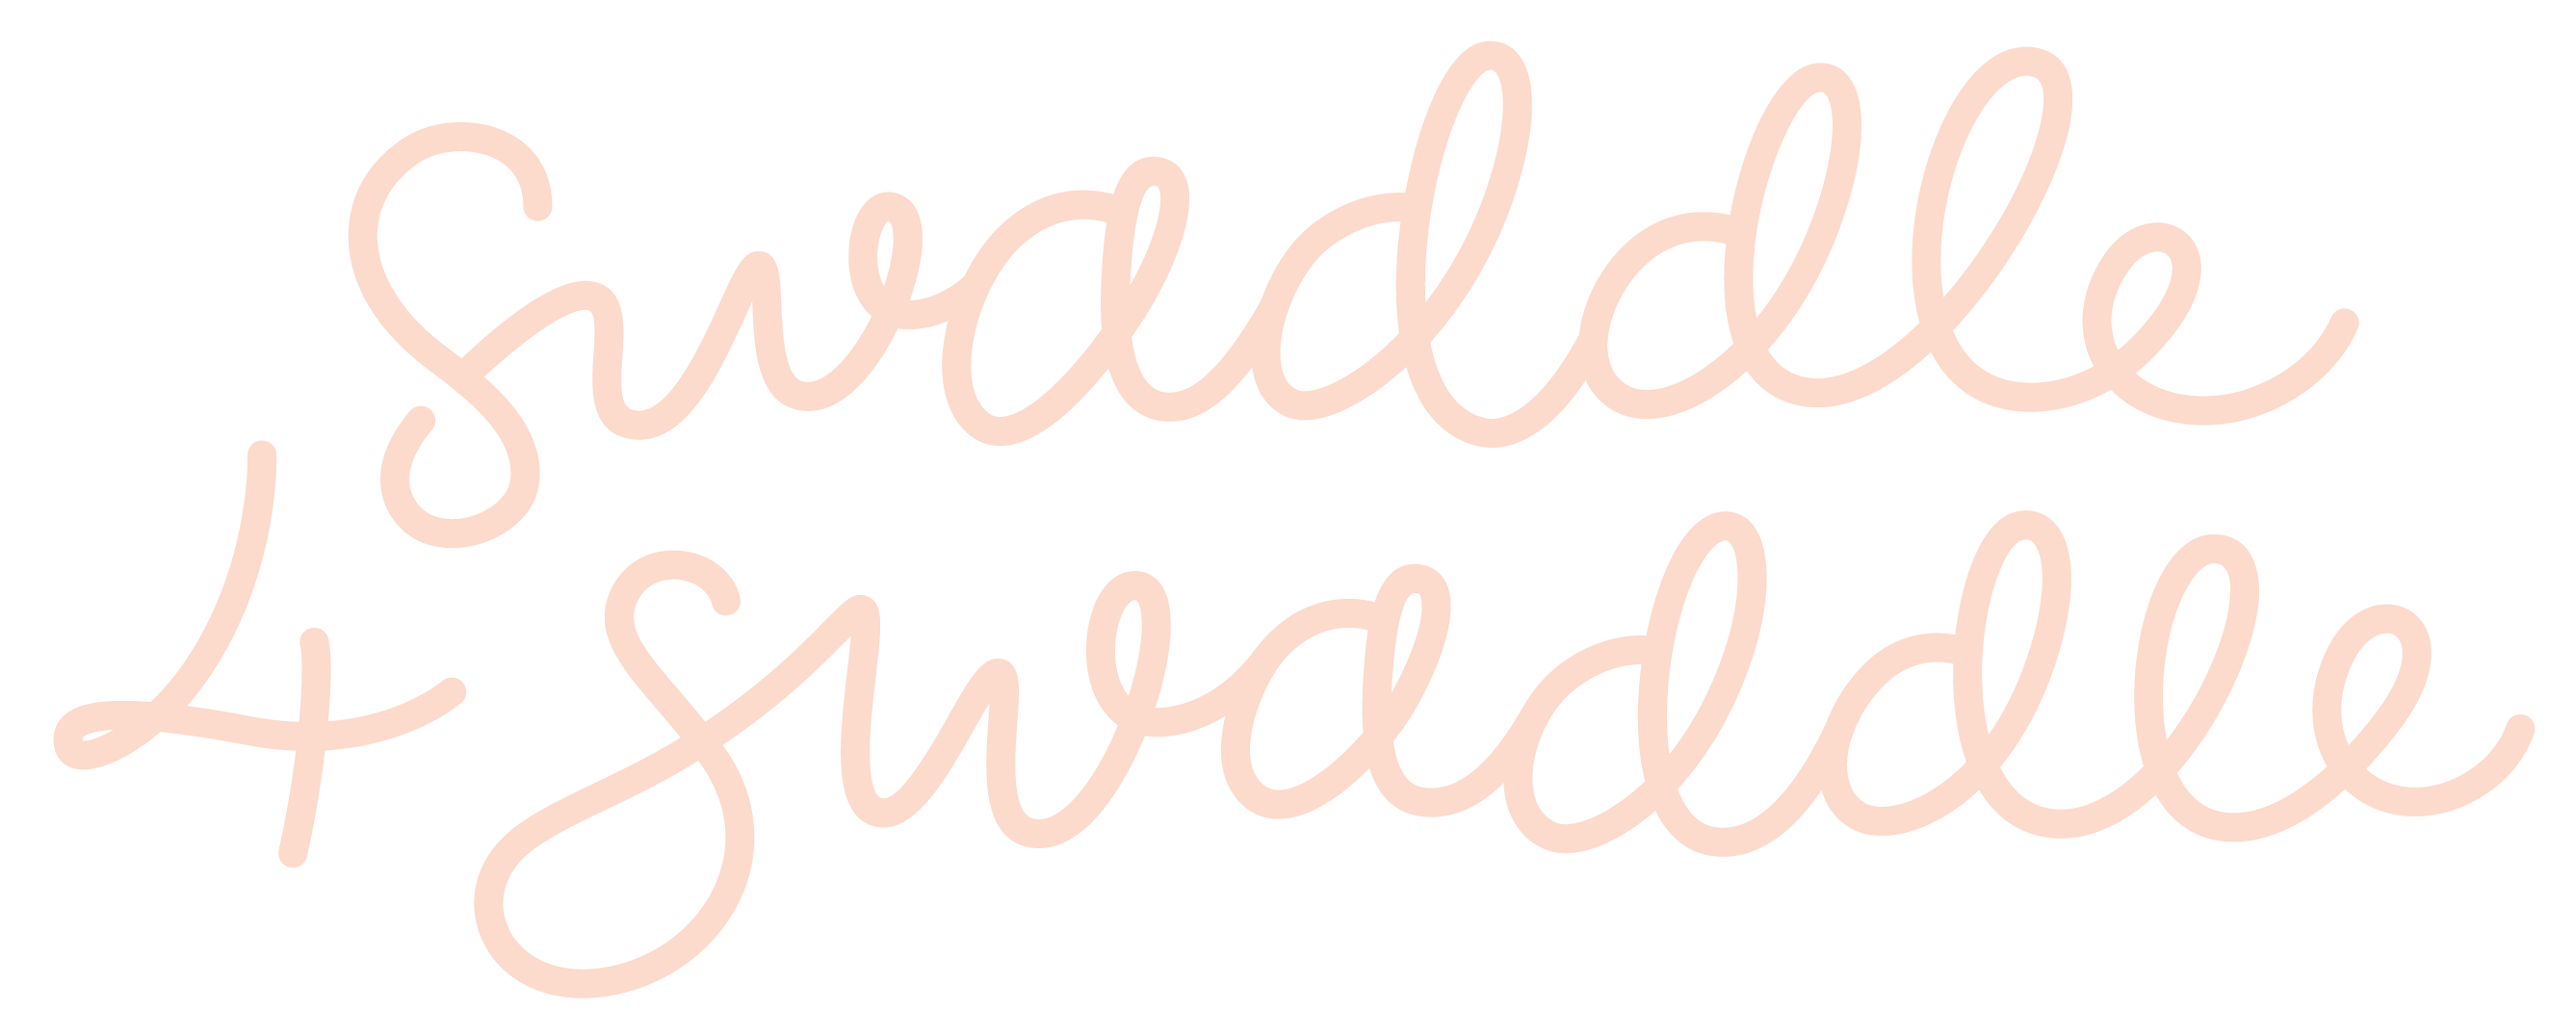 Swaddle 4 Swaddle